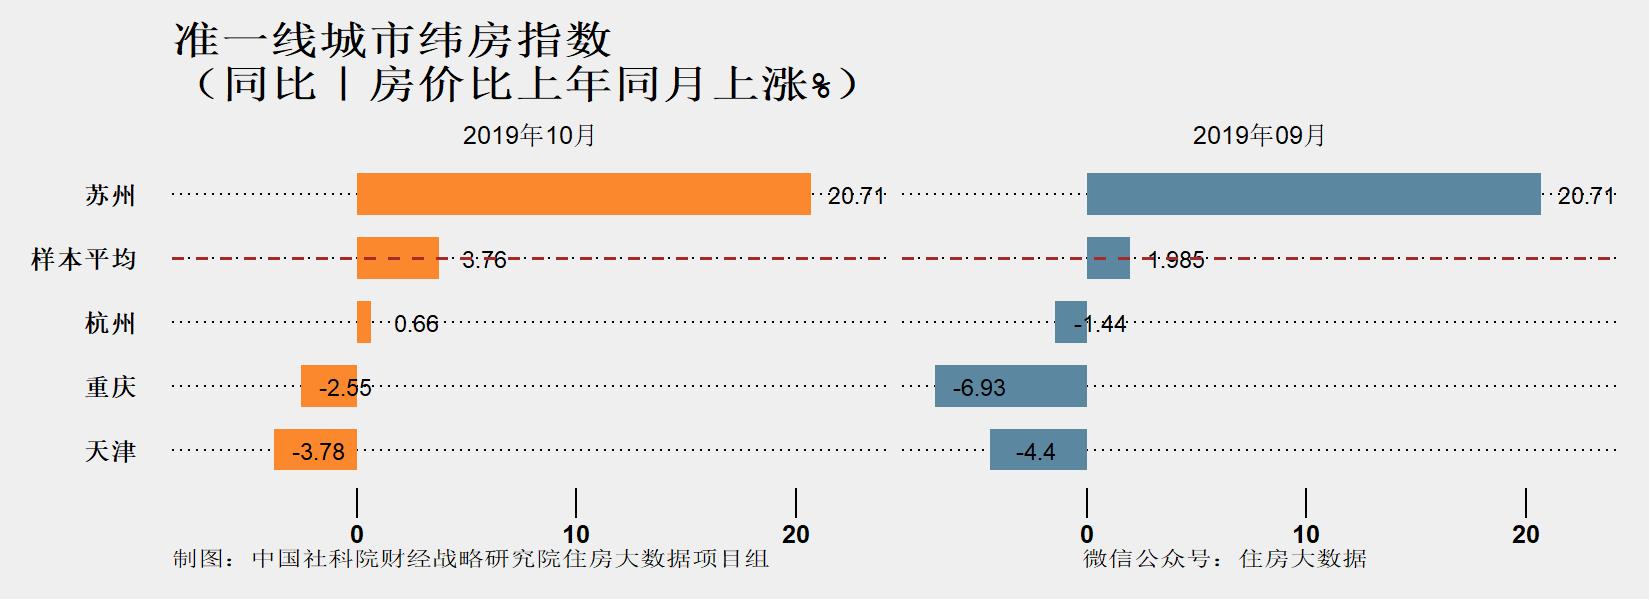 社科院:2019年准一线城市中天津重庆房价相对低迷 苏州上涨快但涨势得到抑制-中国网地产